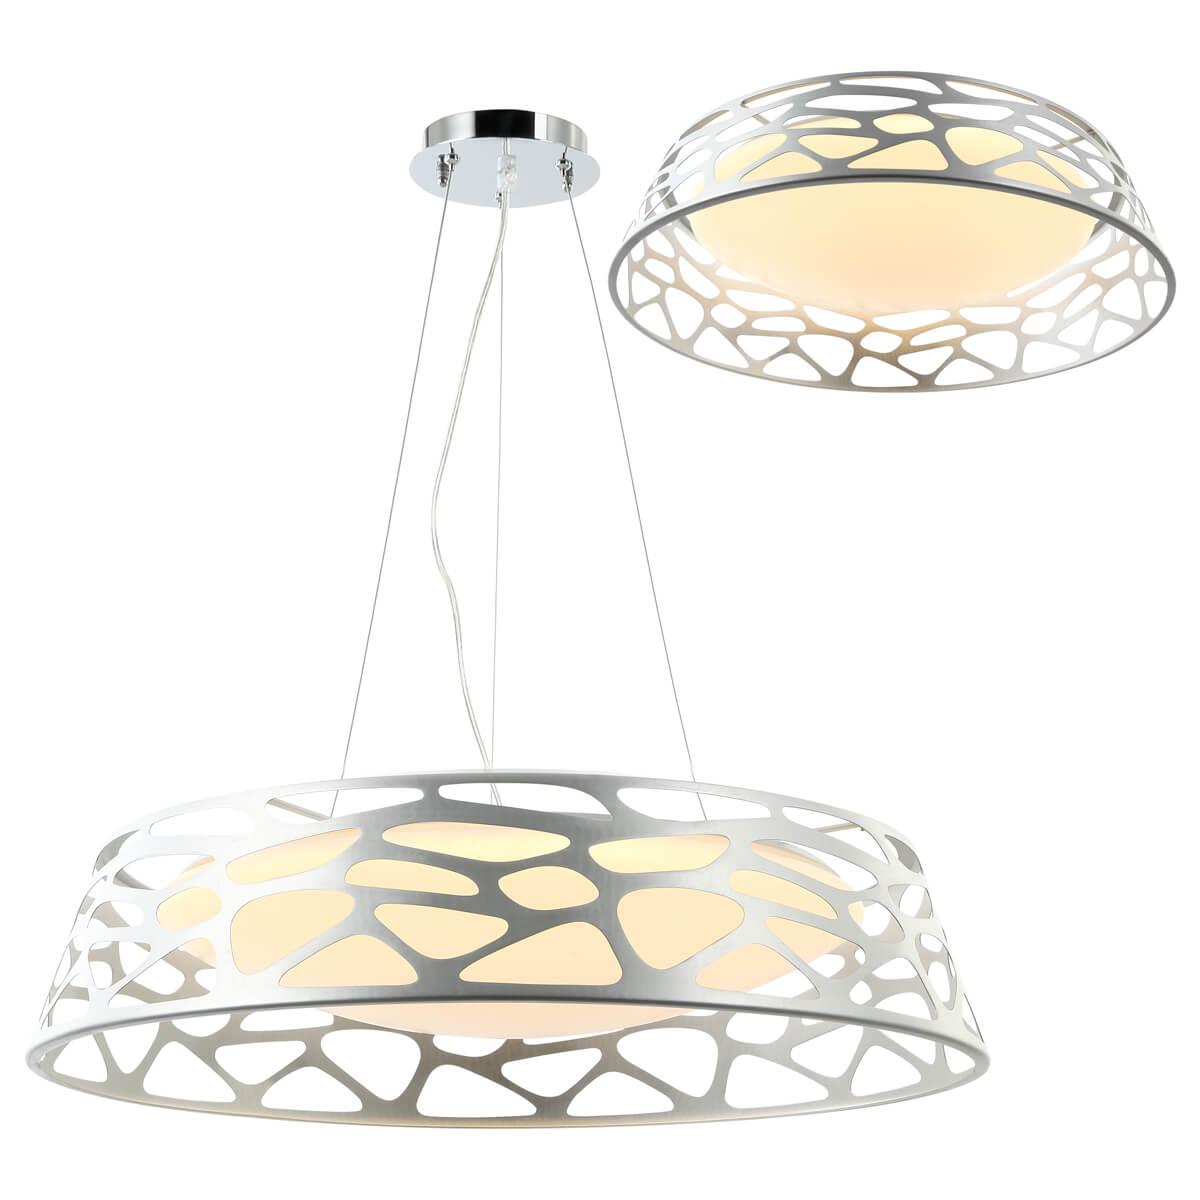 Светильник Favourite 2535-5PC Arcanum (2 в 1 (подвесной и потолочный)) подвесной светильник sembol hrz00002173